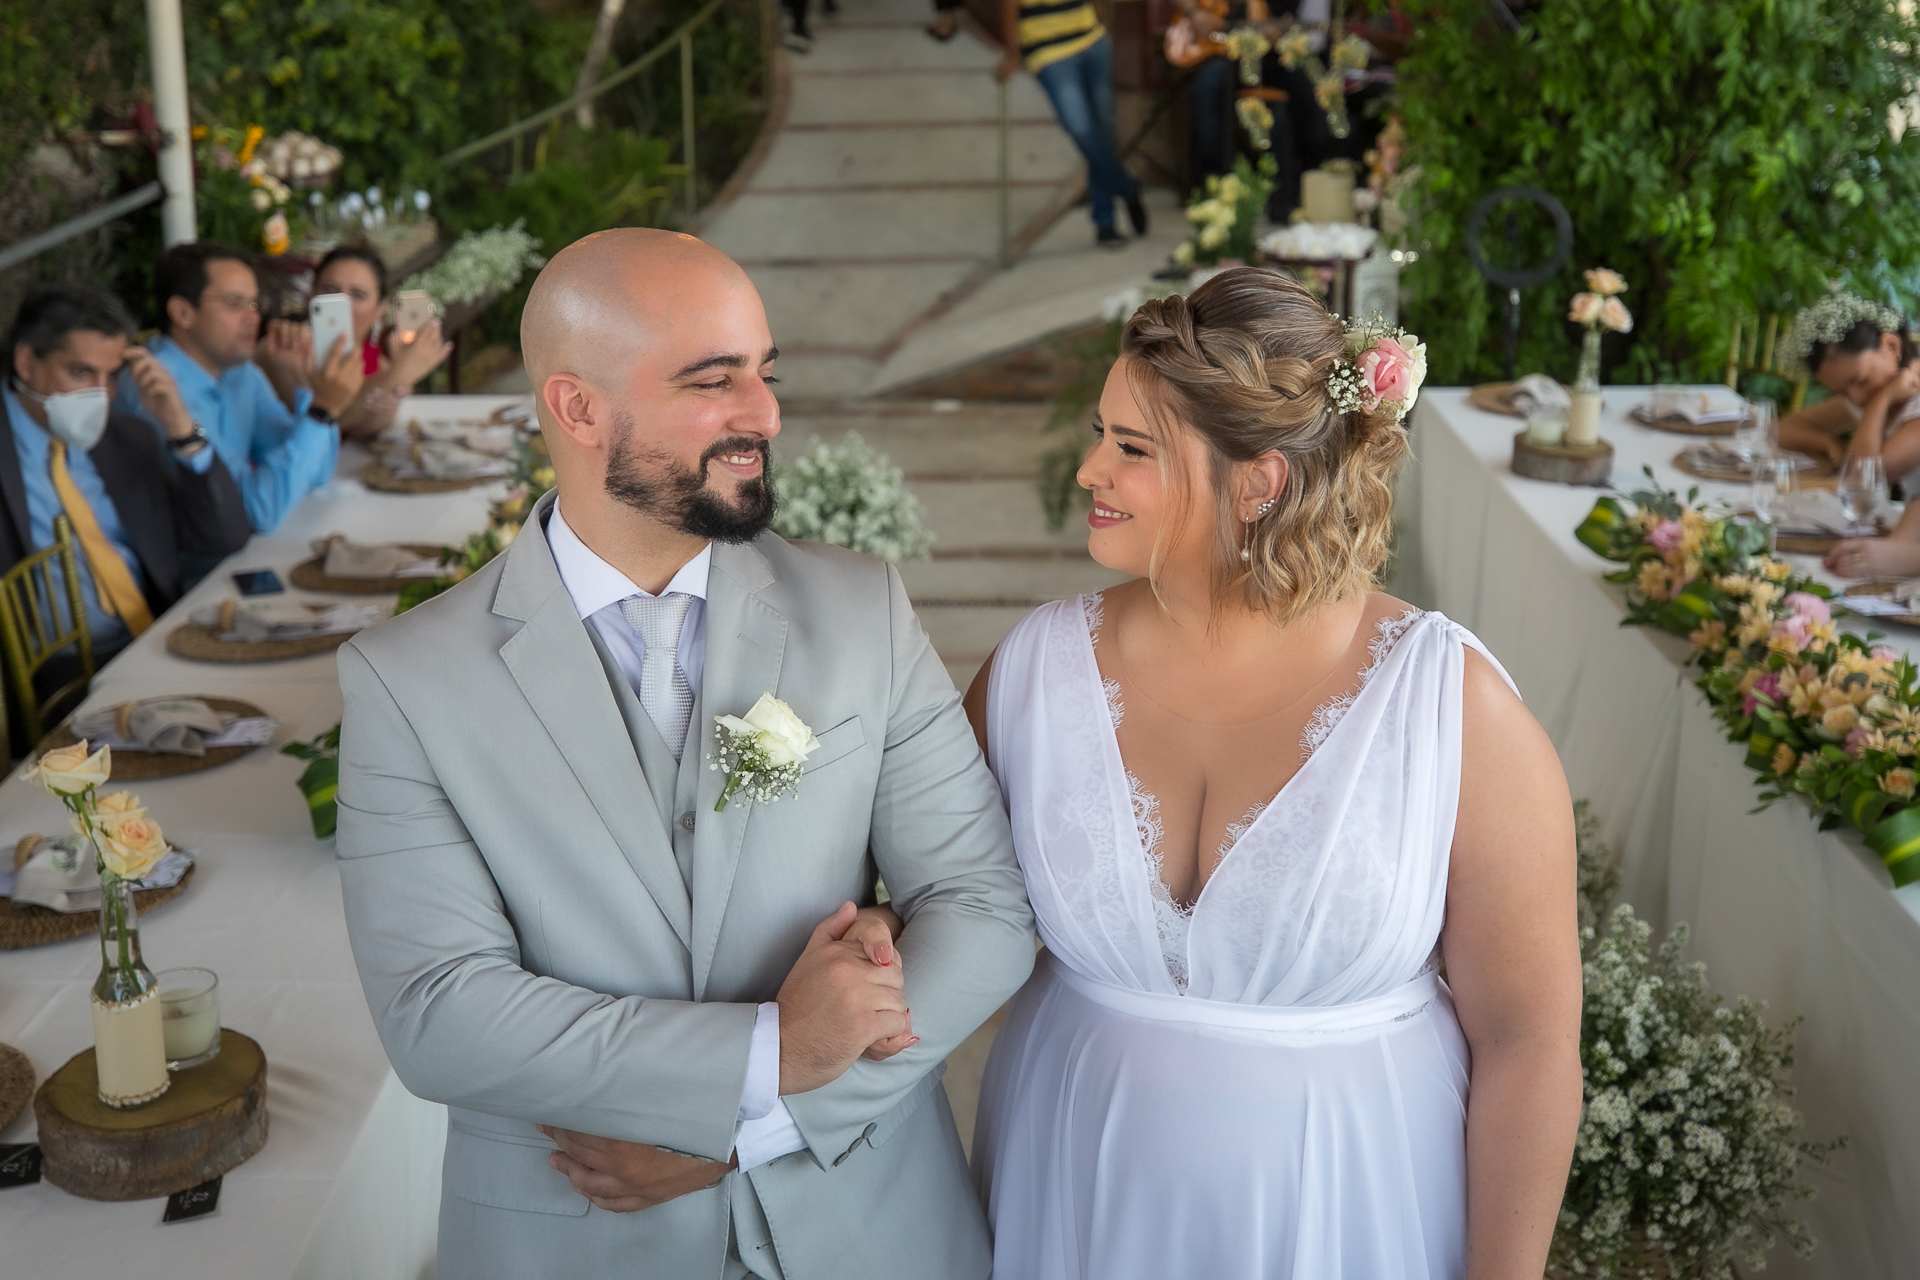 Maceio, Alagoas, Brésil Cérémonie de mariage Pic | les mariés partagent un regard passionné